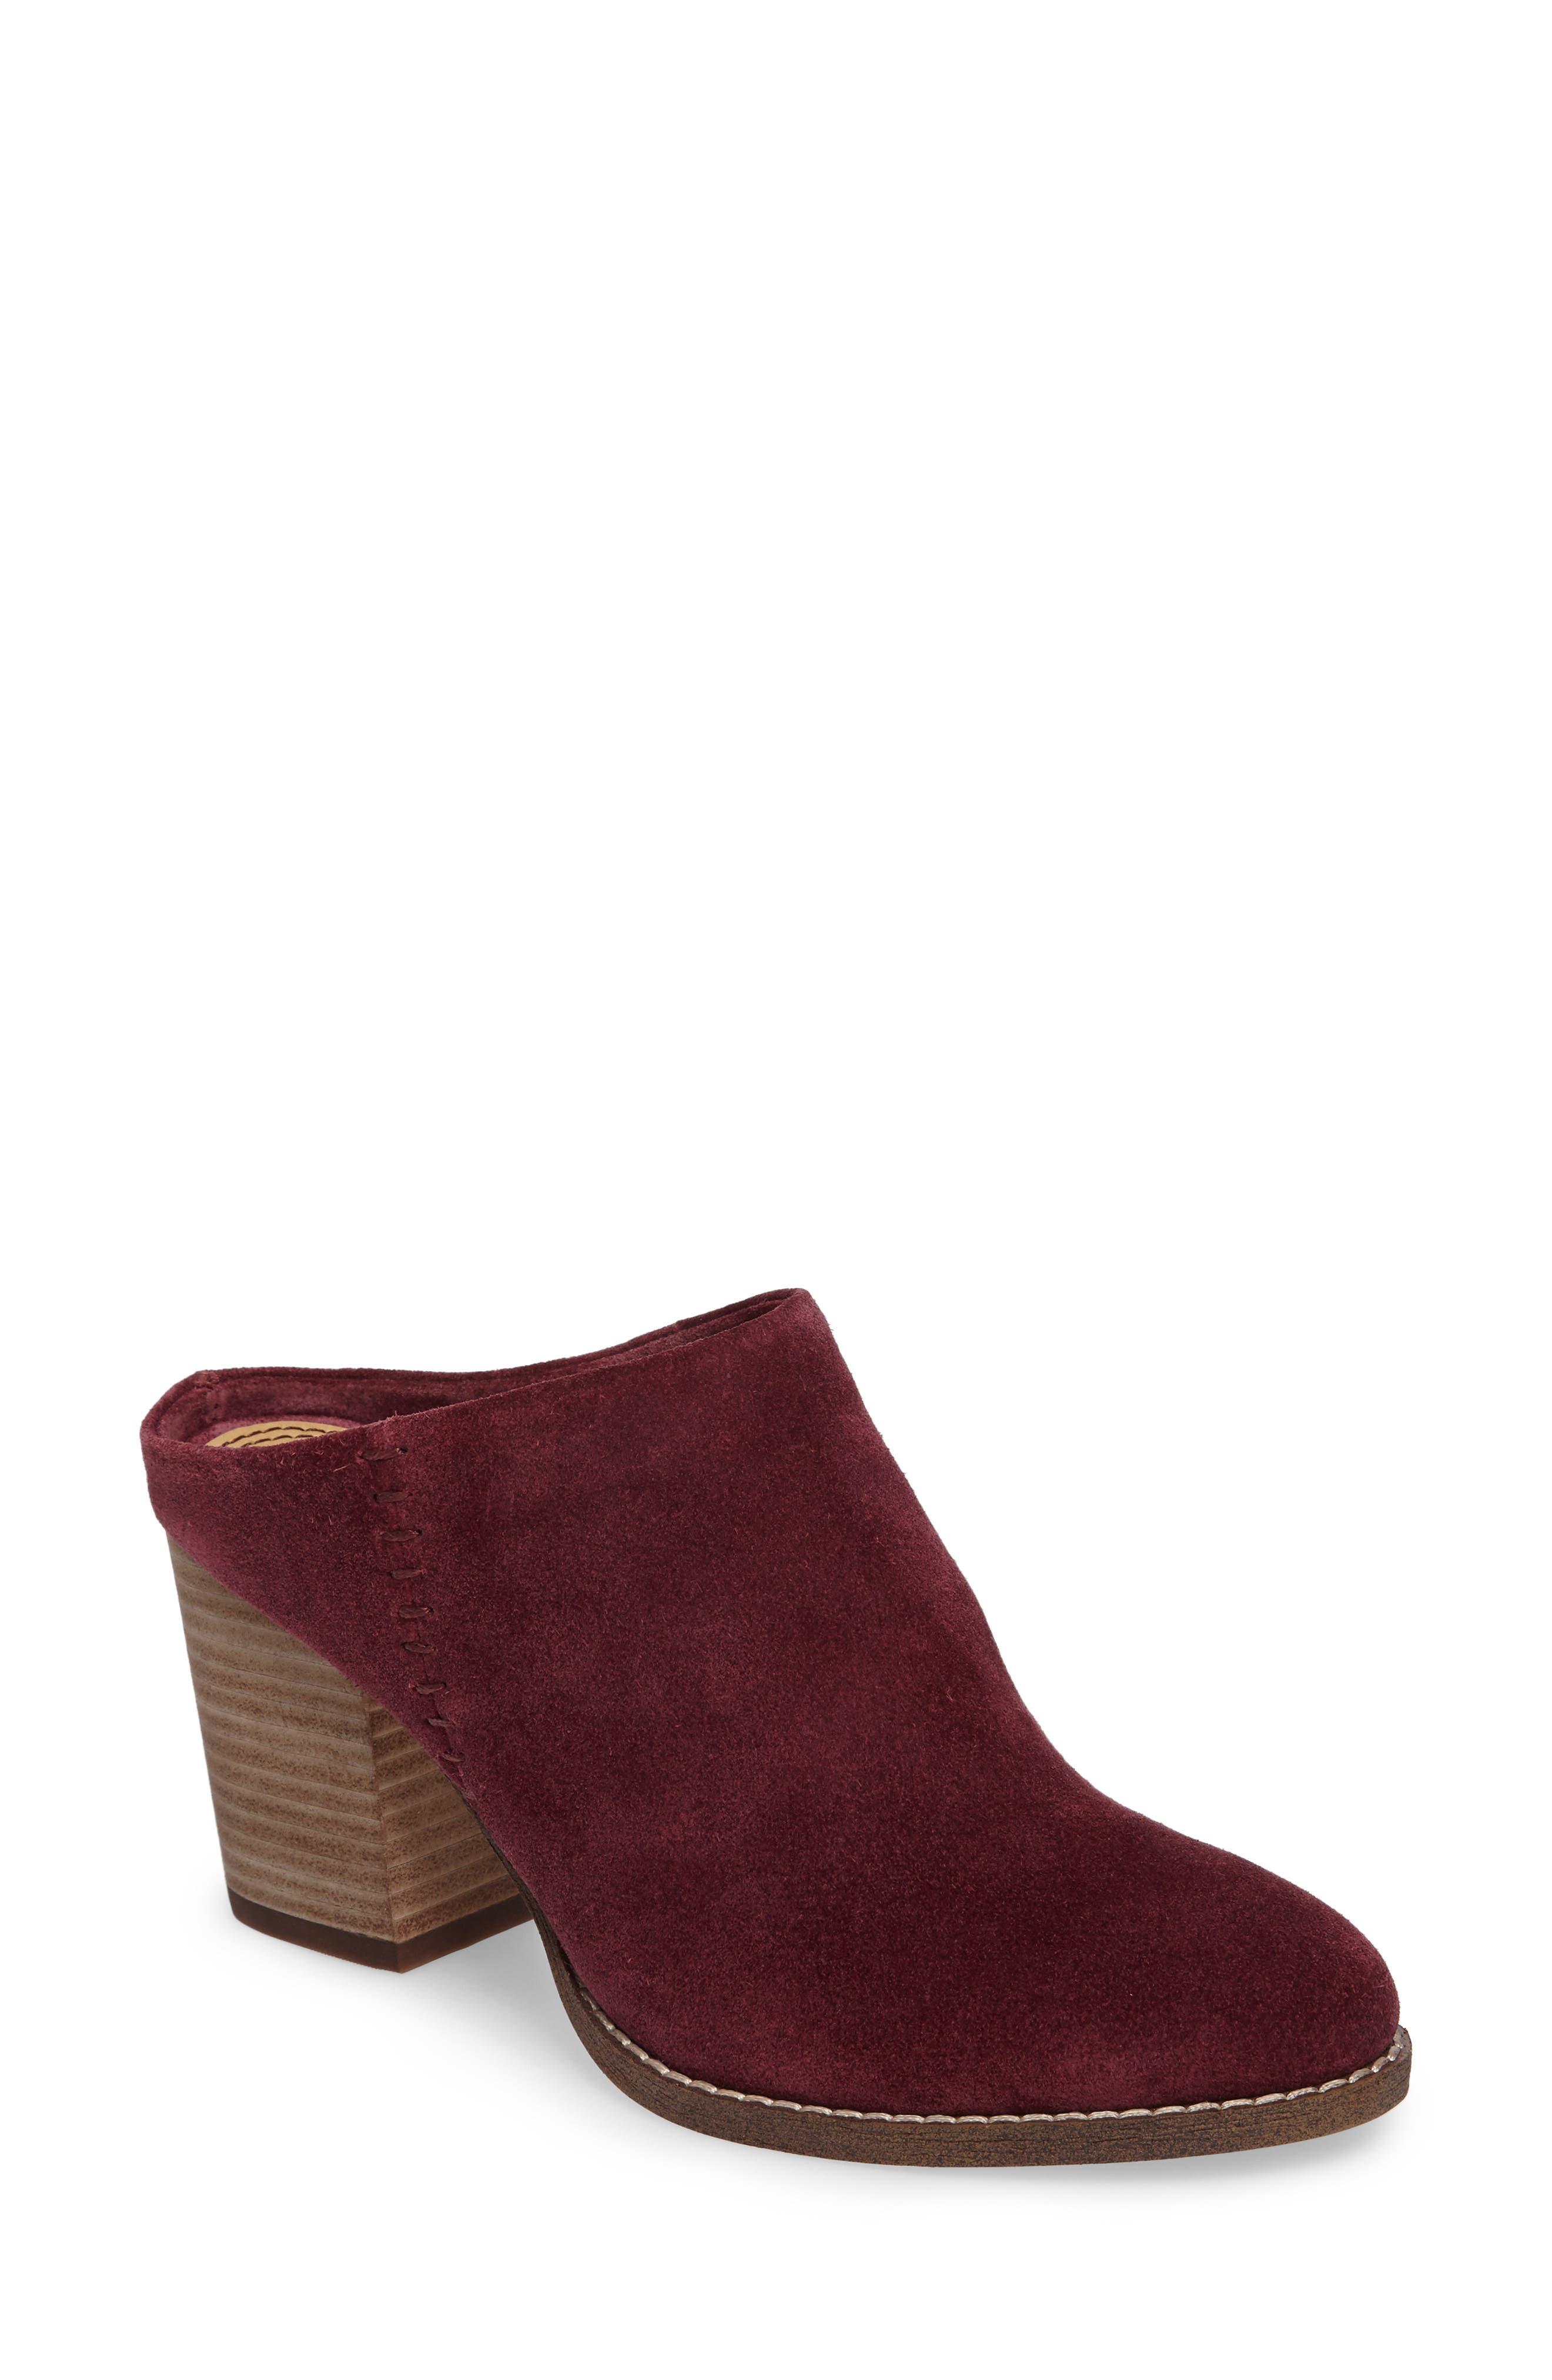 Debrah Block Heel Mule,                         Main,                         color, Whiskey Suede